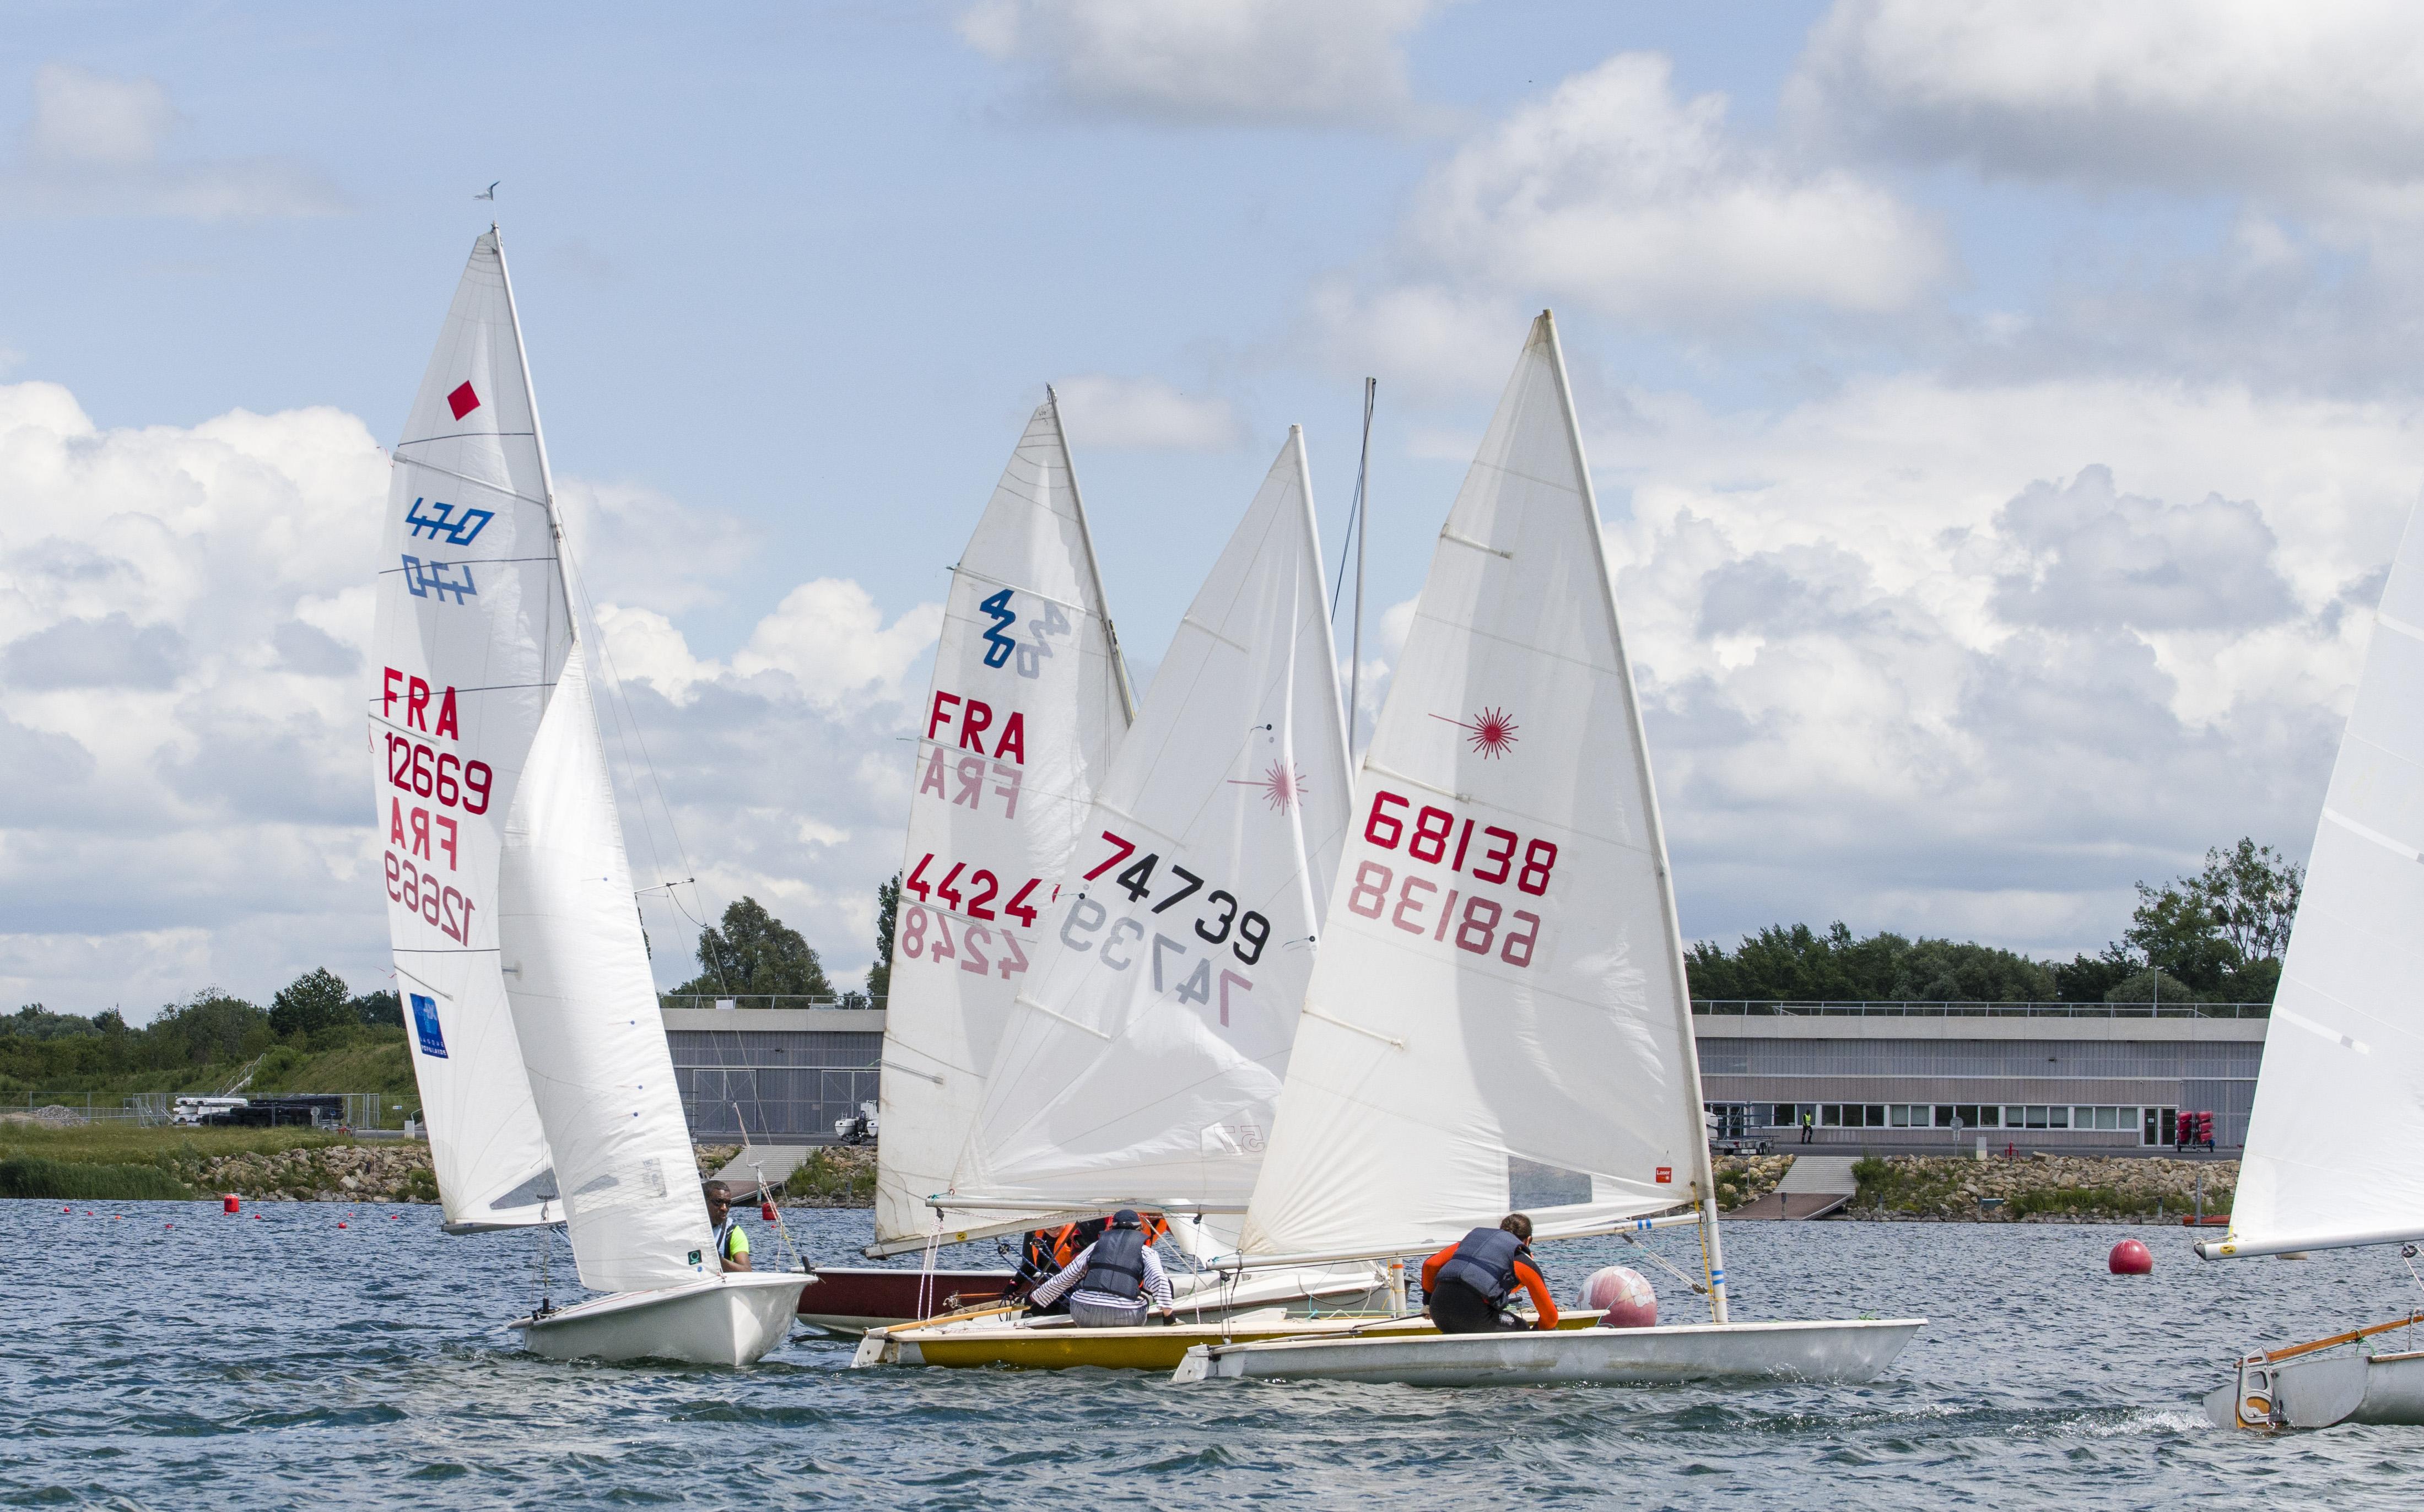 Naviguer les samedis sur dériveurs  Dériveur Double par le Club CNVAIRES affilié à la Fédération Française de Voile